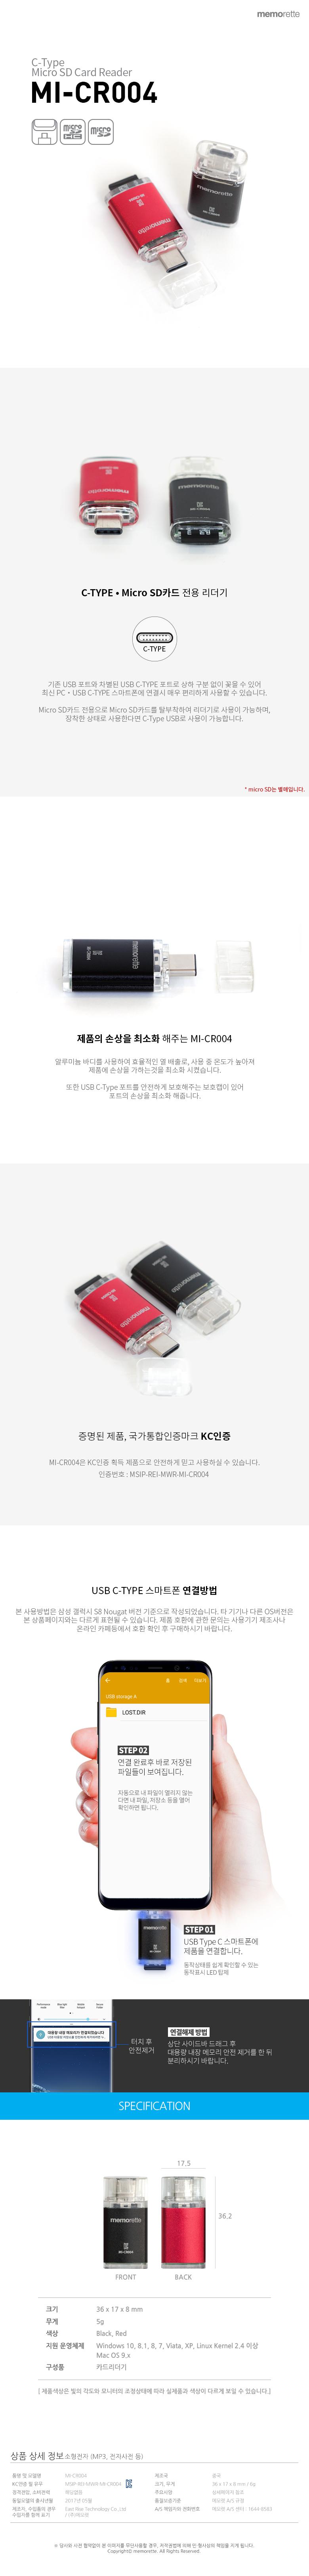 메모렛 MI-CR004 카드리더기 (정품)